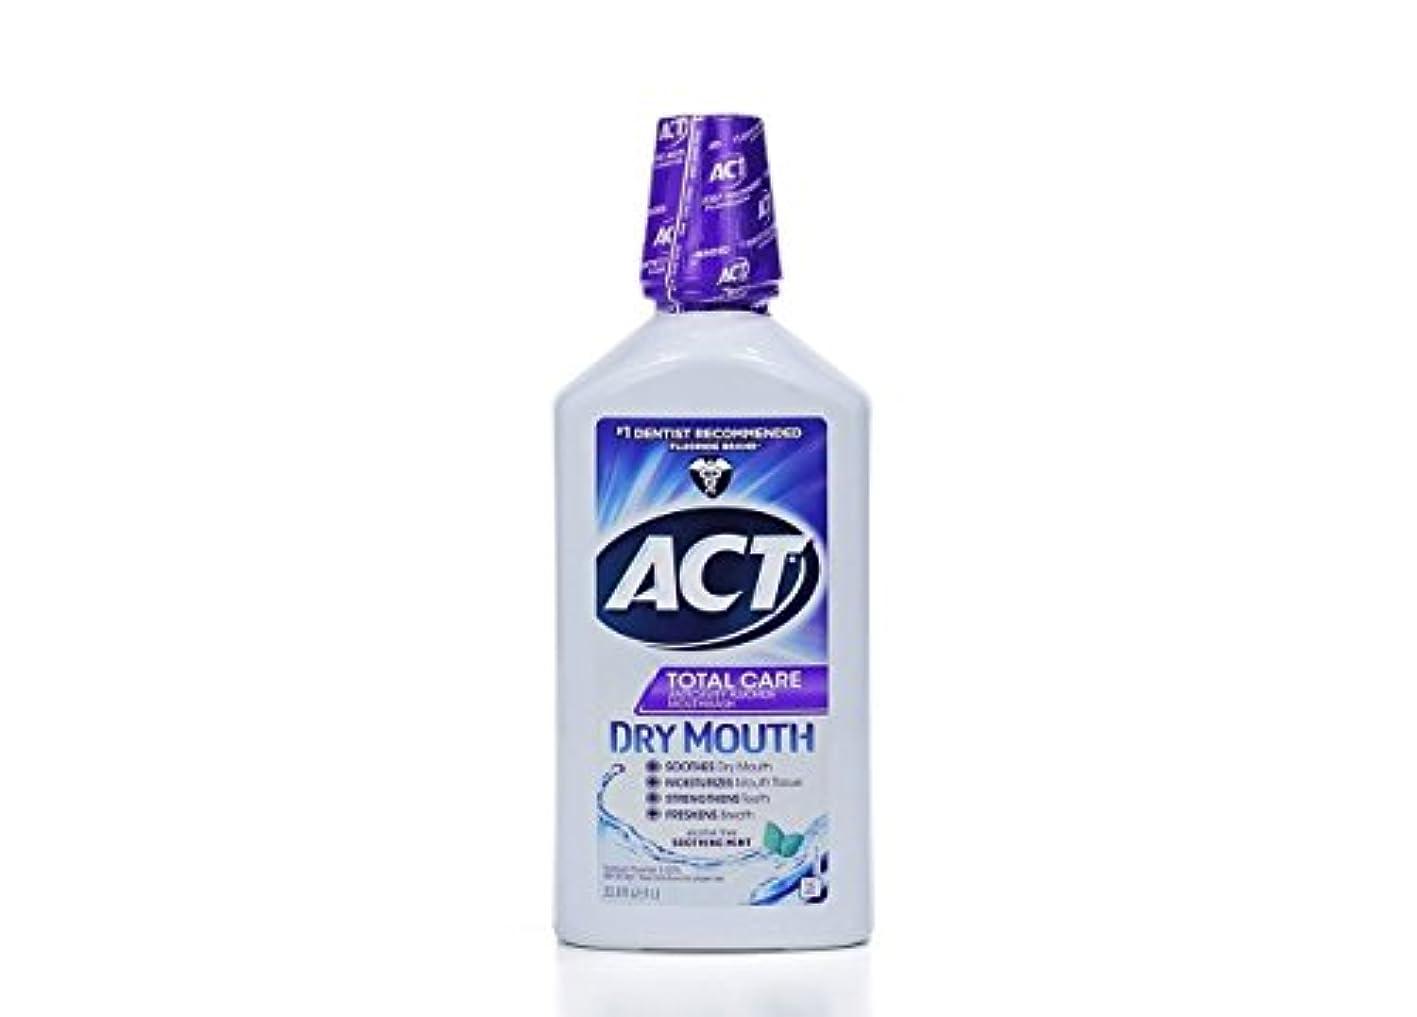 うまくやる()原子息を切らしてCHATTEM社 ACT トータル ケア抗虫歯フッ化物リンス 口褐用 33.8fl.oz